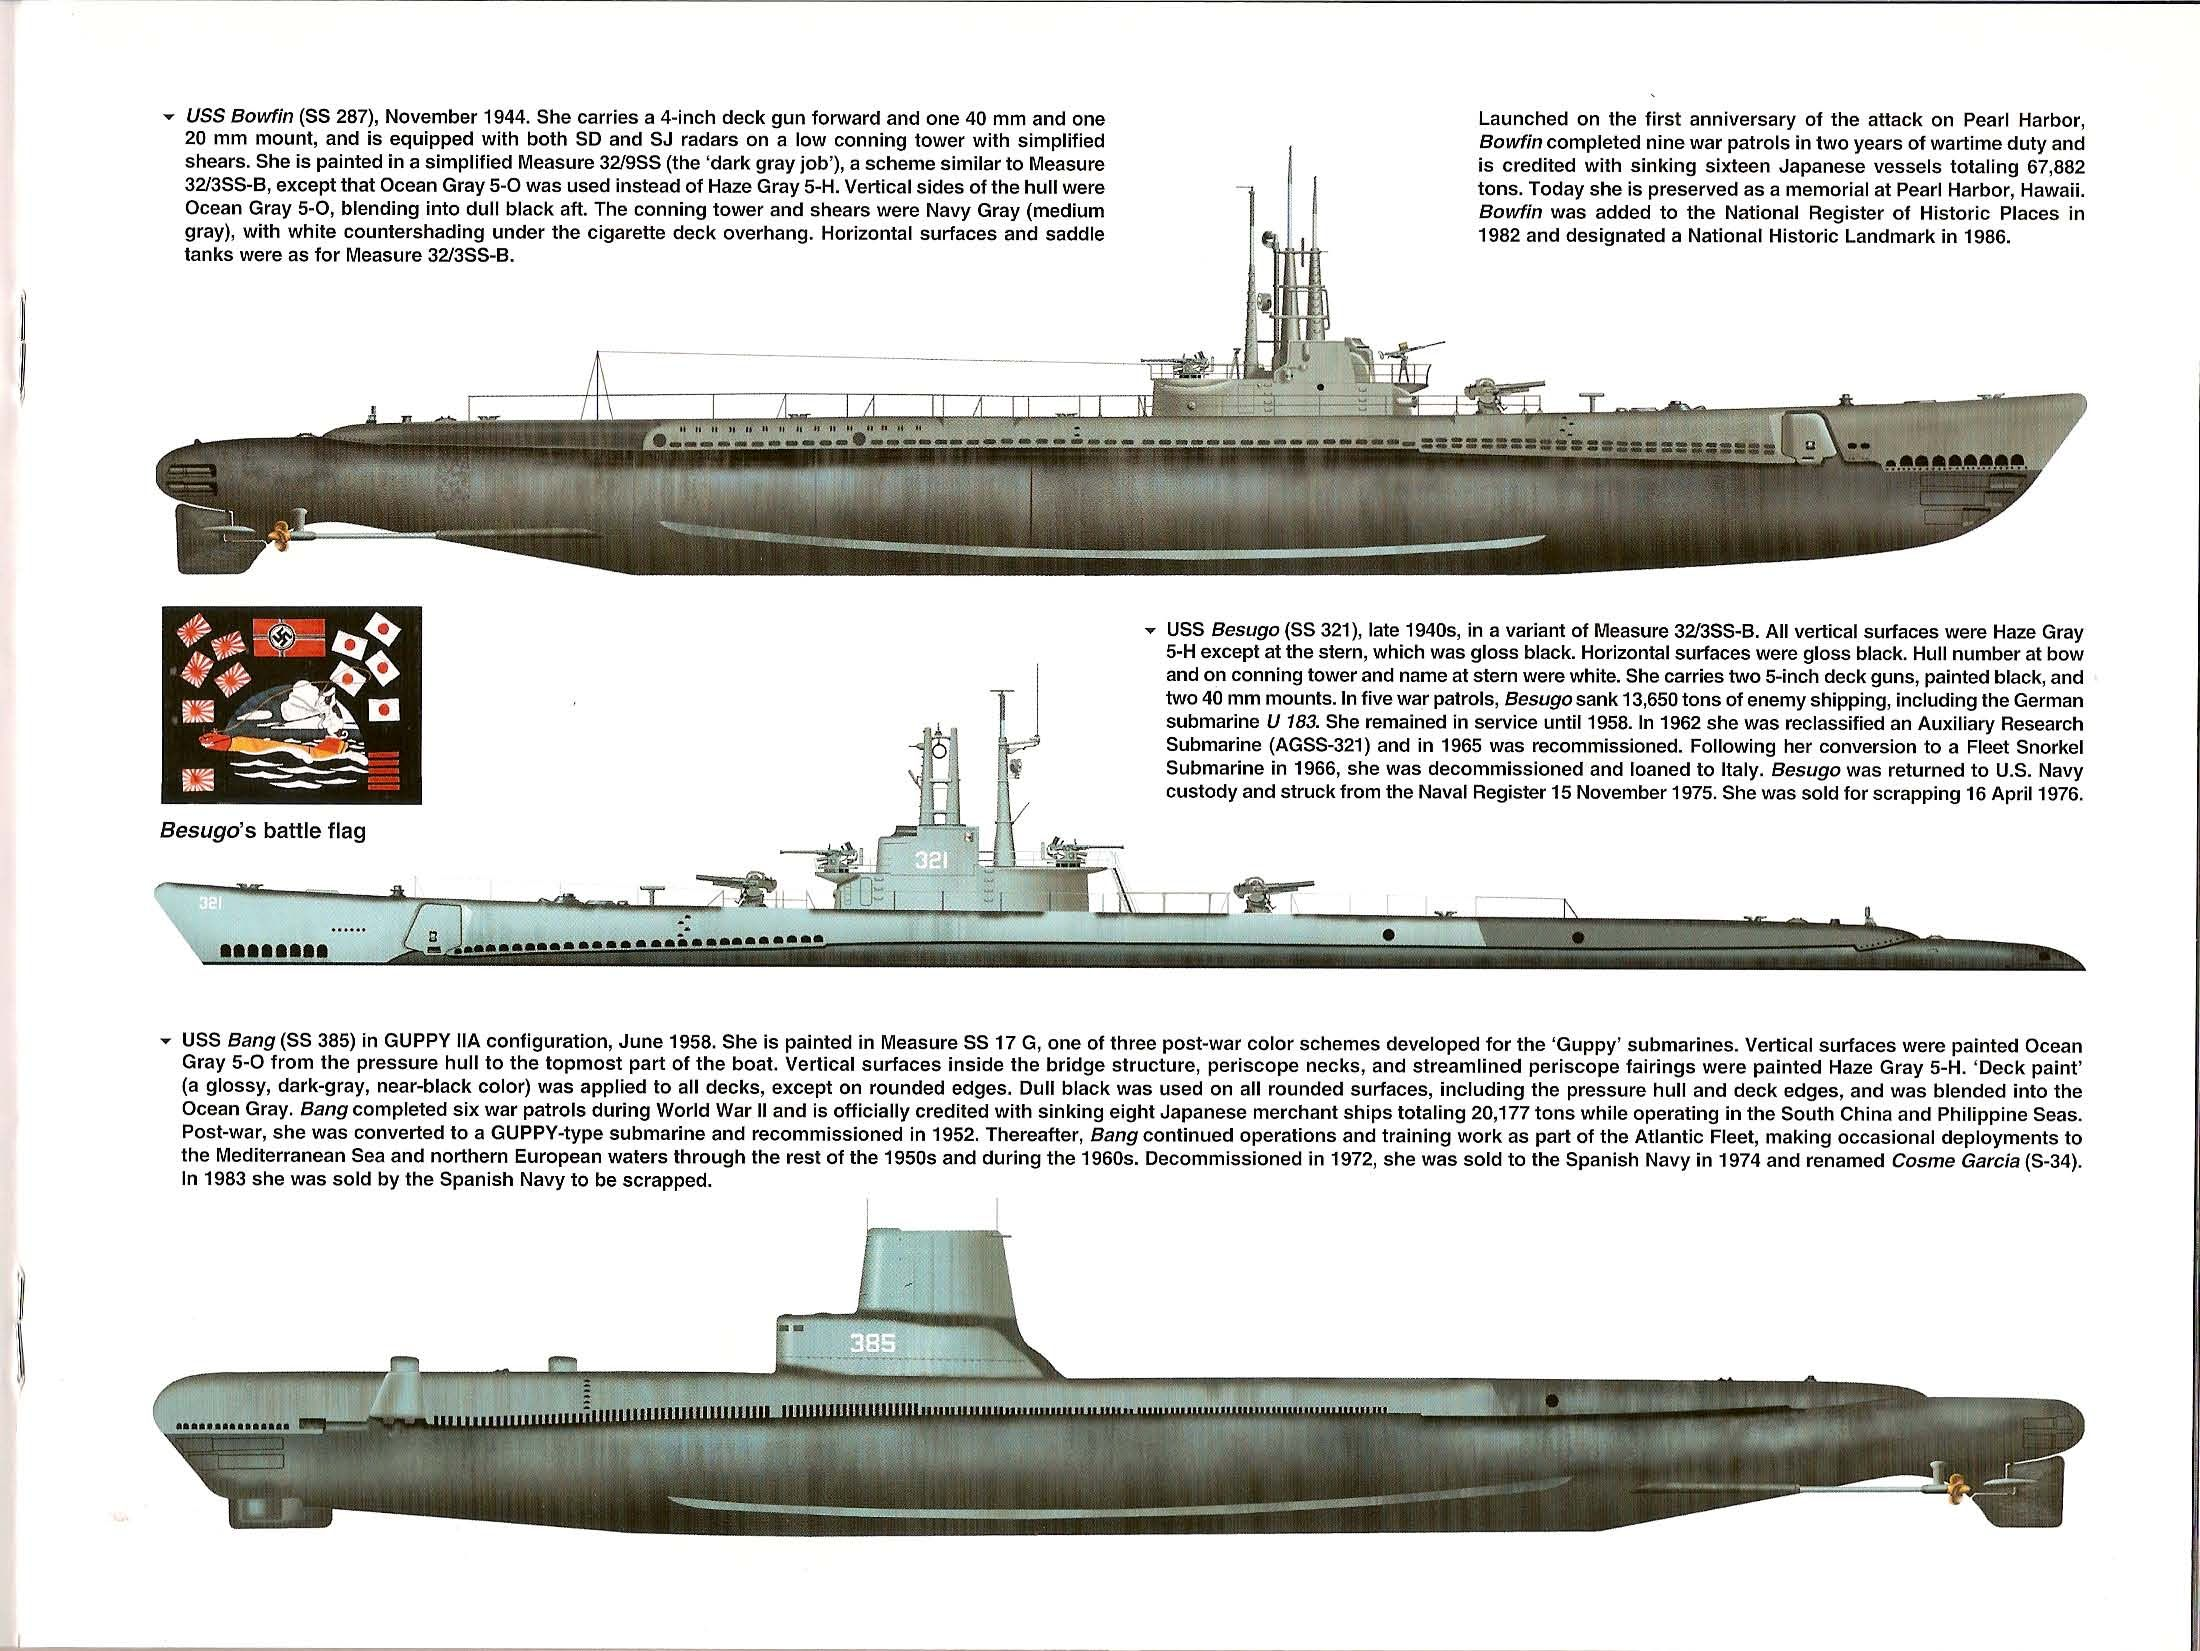 Podvodnye Lodki Podvodnye Lodki Voenno Morskoj Flot Lodka